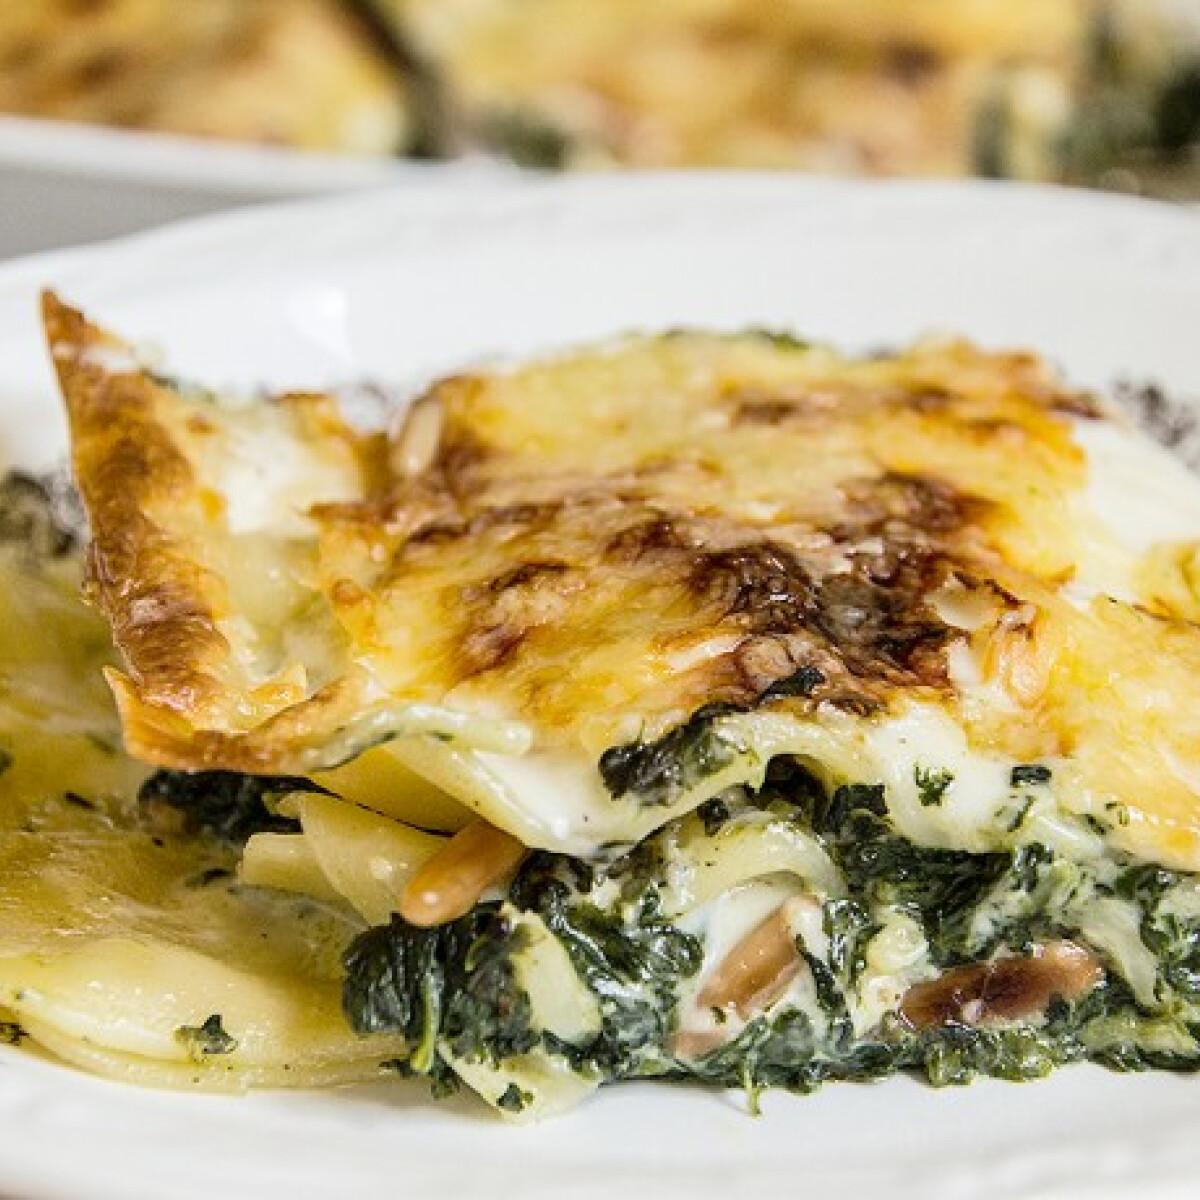 Ezen a képen: Spenótos kéksajtos lasagne